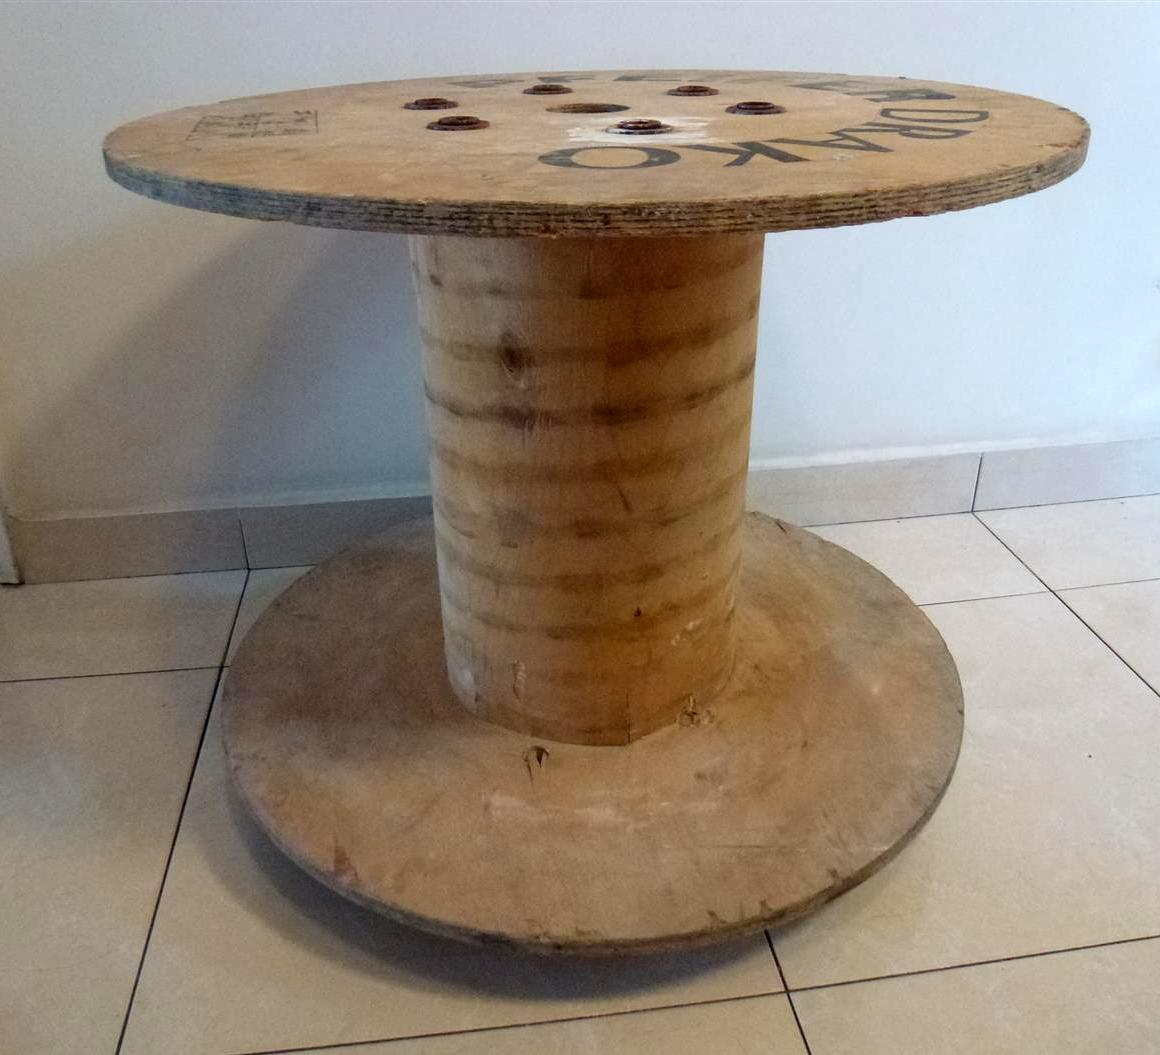 גליל עץ ישן של חוטי חשמל שיתחדש לשולחן מעוצב